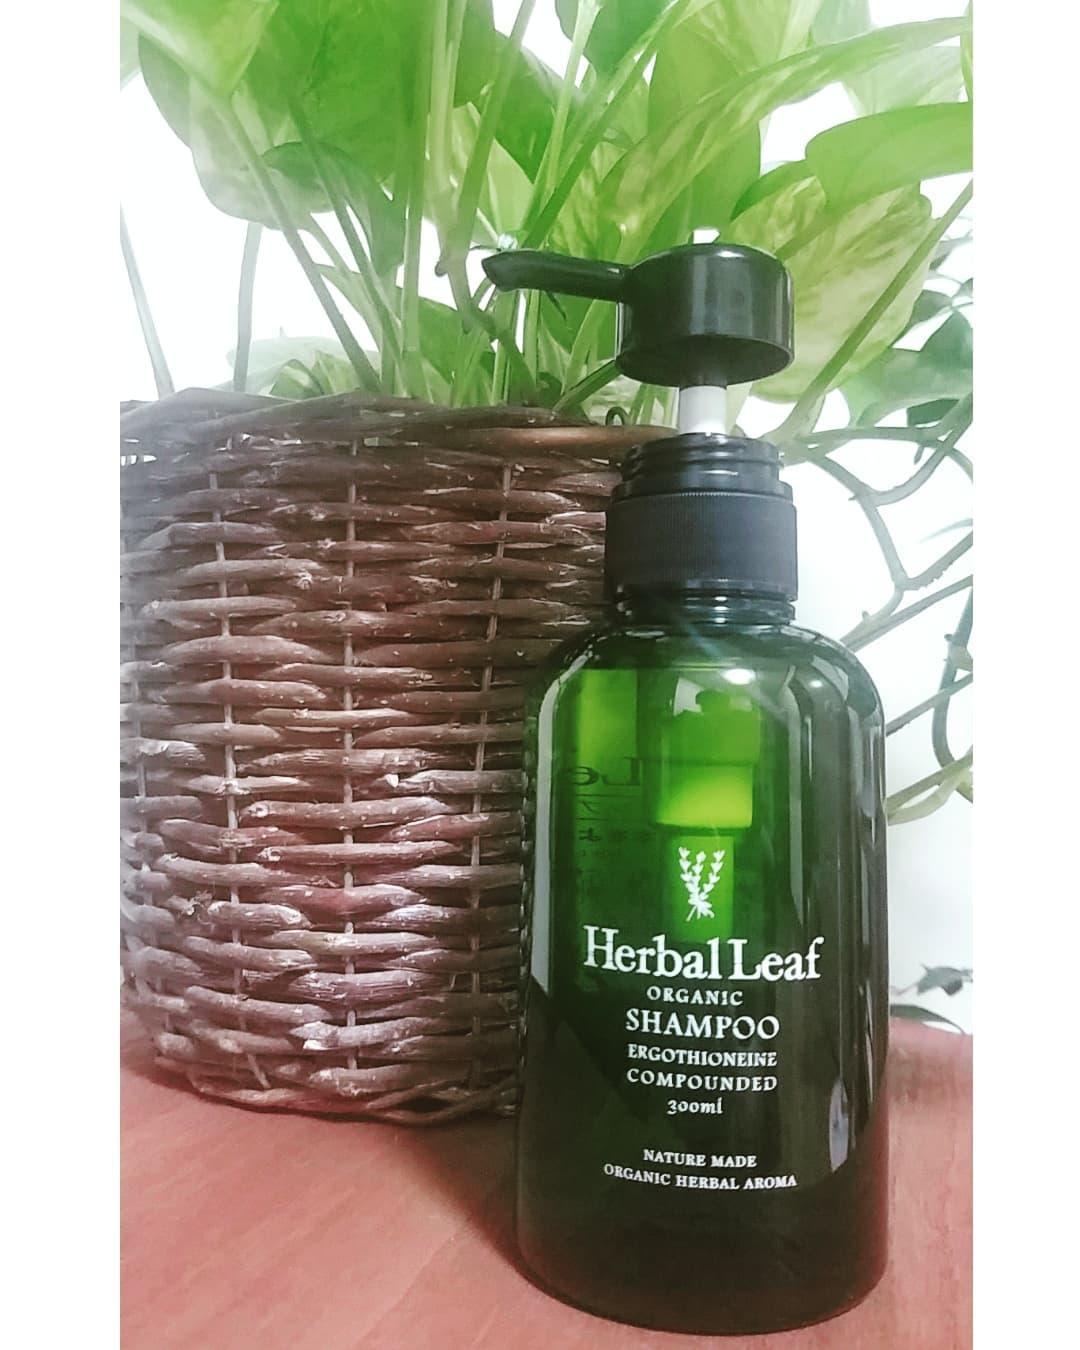 口コミ投稿:🎃毎日使うシャンプーだからこだわりたい😚🌿敏感肌や乾燥肌、髪のダメージや乾燥・ツヤ…